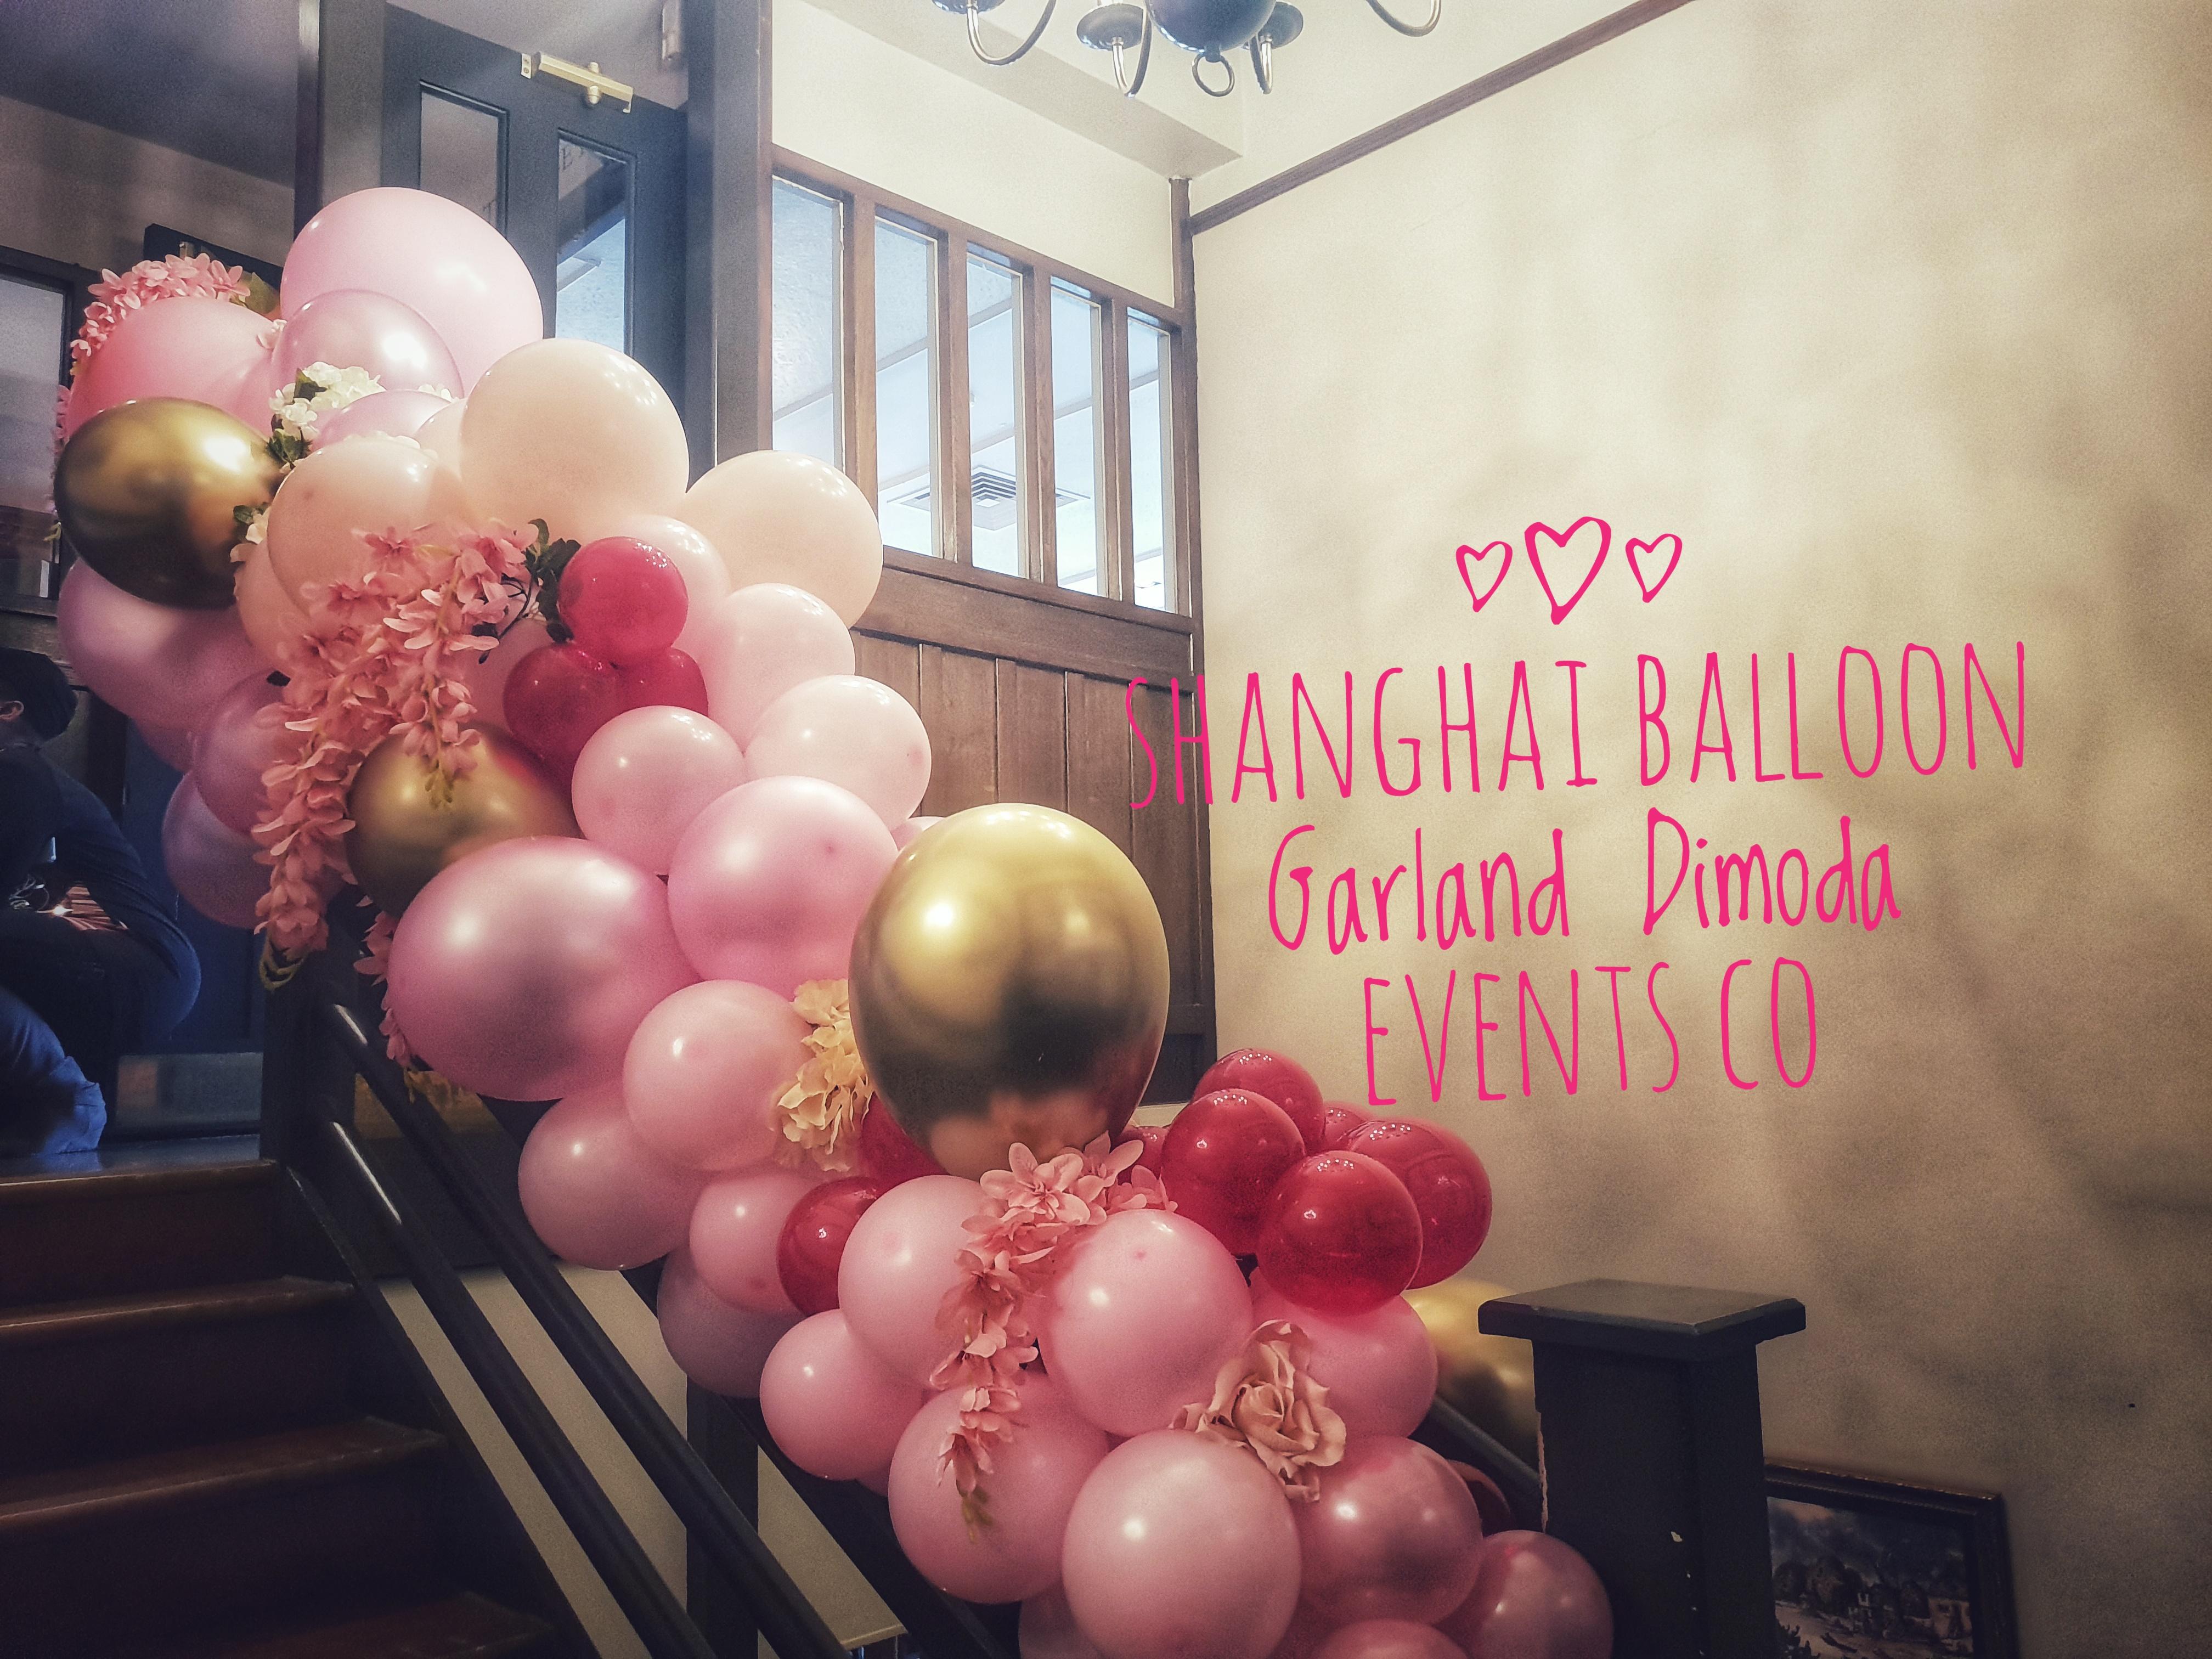 Shanghai Balloon Garland Staircase